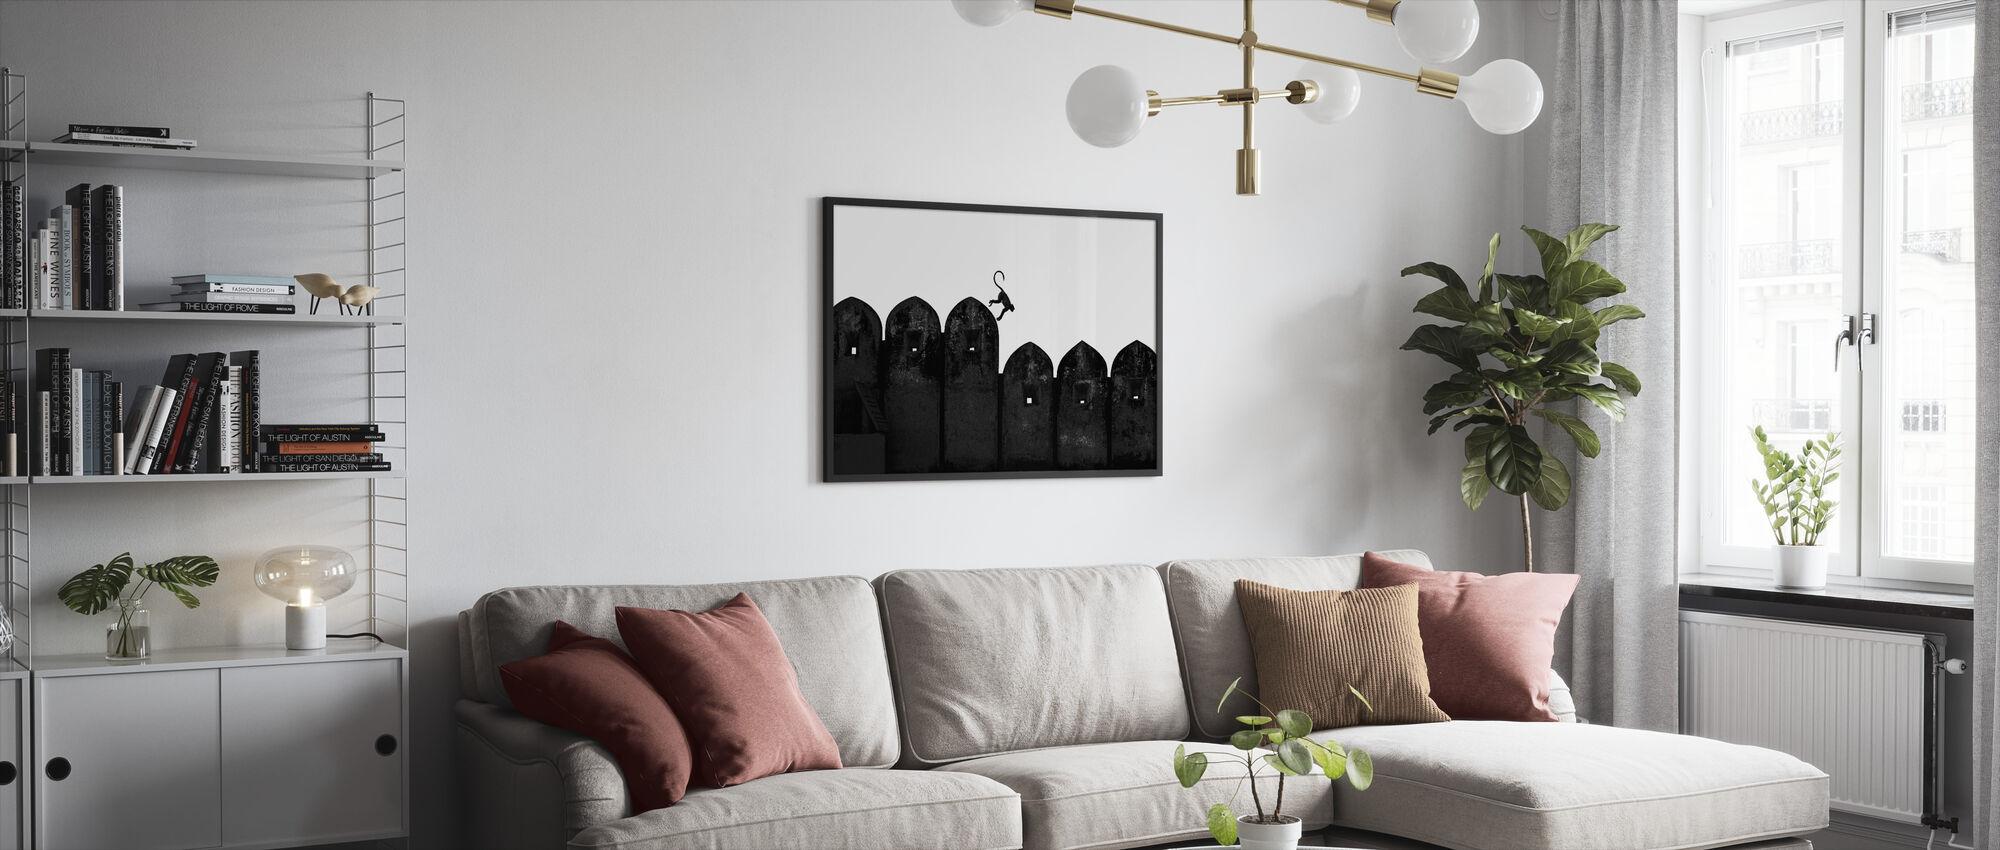 Monkey - Framed print - Living Room